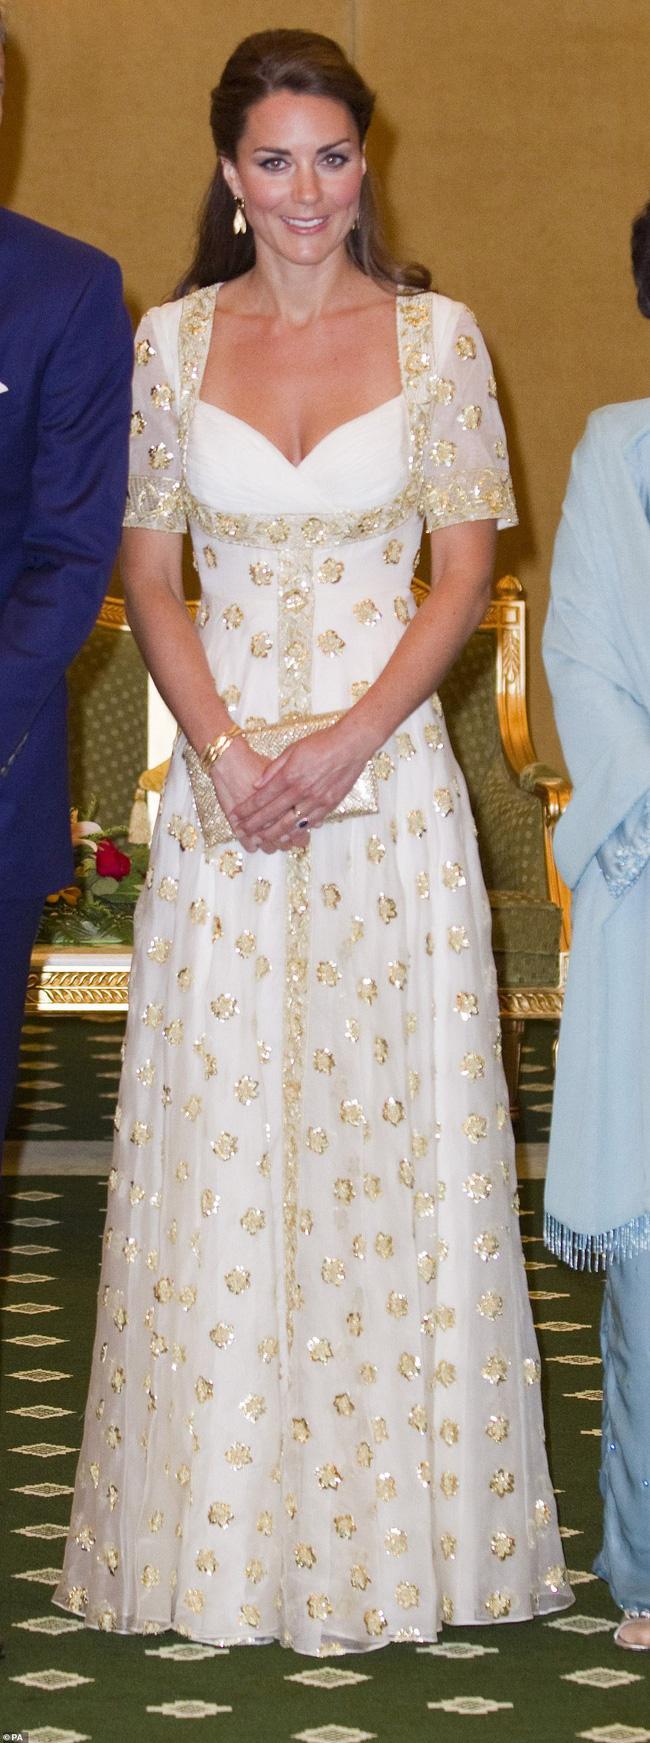 Công nương Kate mặc váy cũ 7 năm trước lên thảm đỏ vẫn tỏa sáng như nữ thần, Meghan lại muối mặt khi bị châm chọc công khai - Ảnh 6.